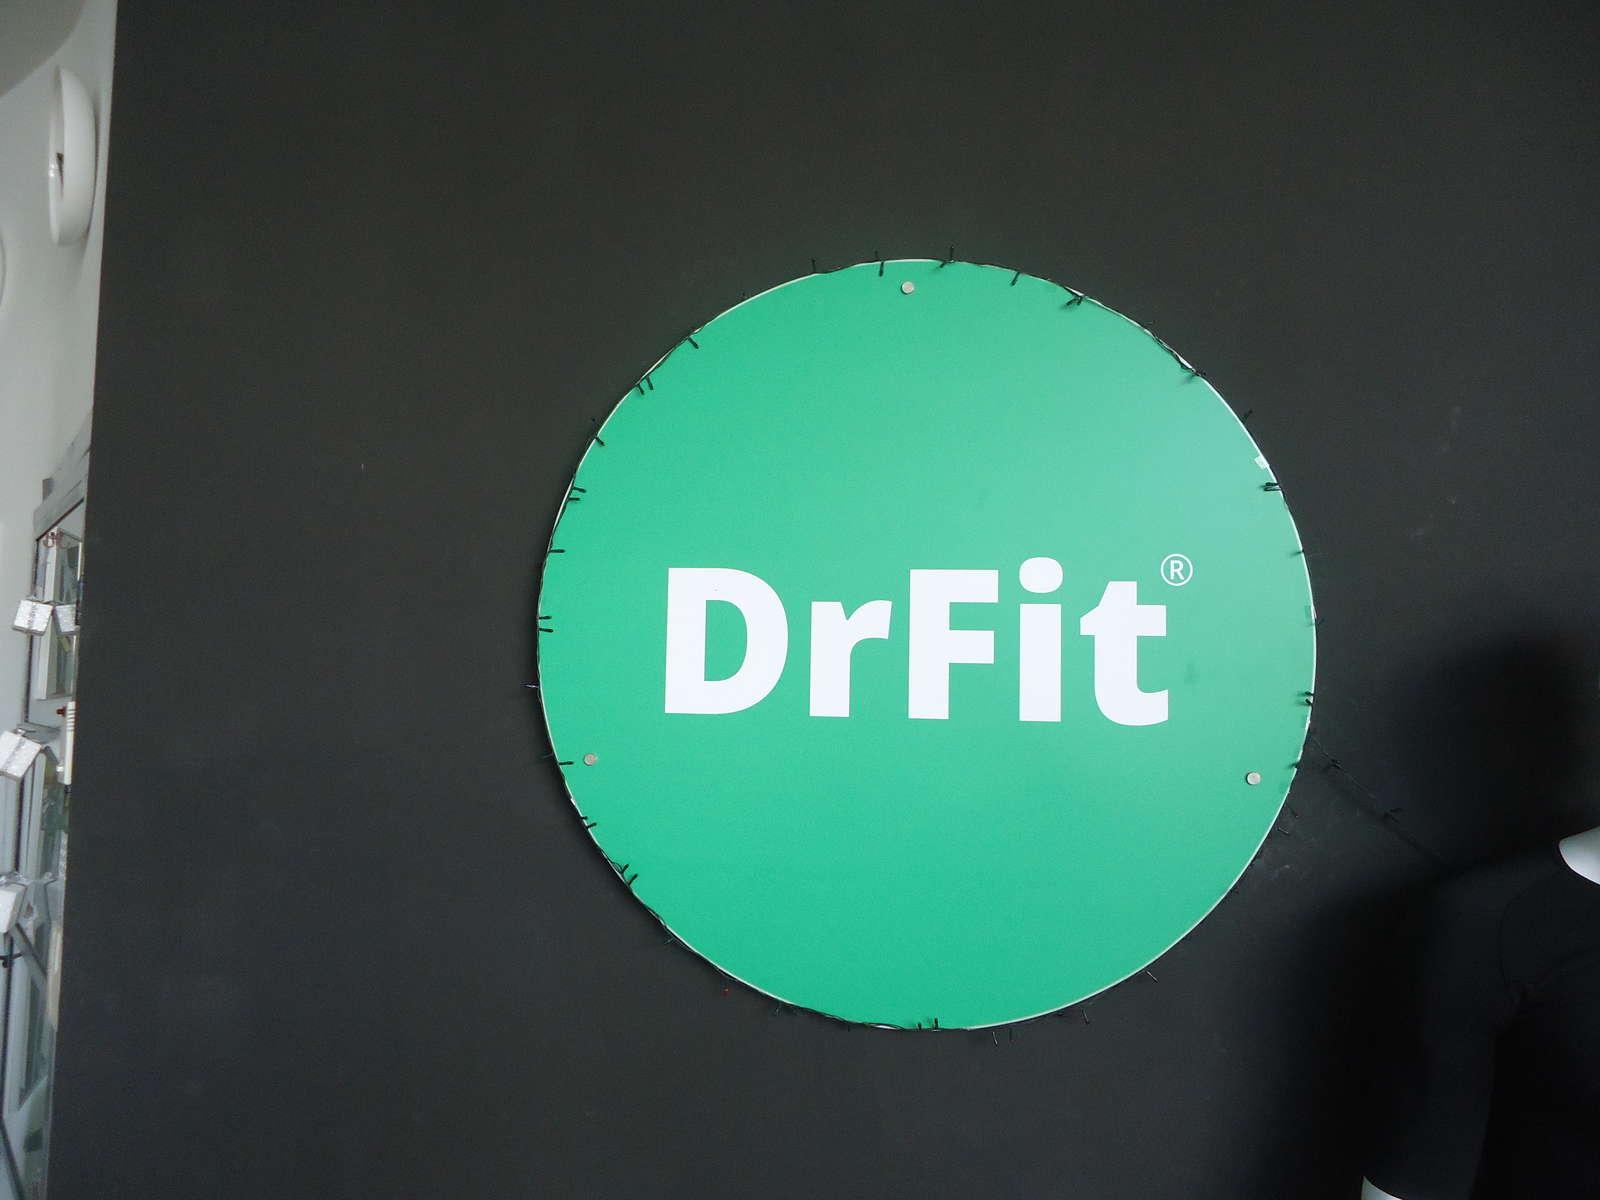 DrFit